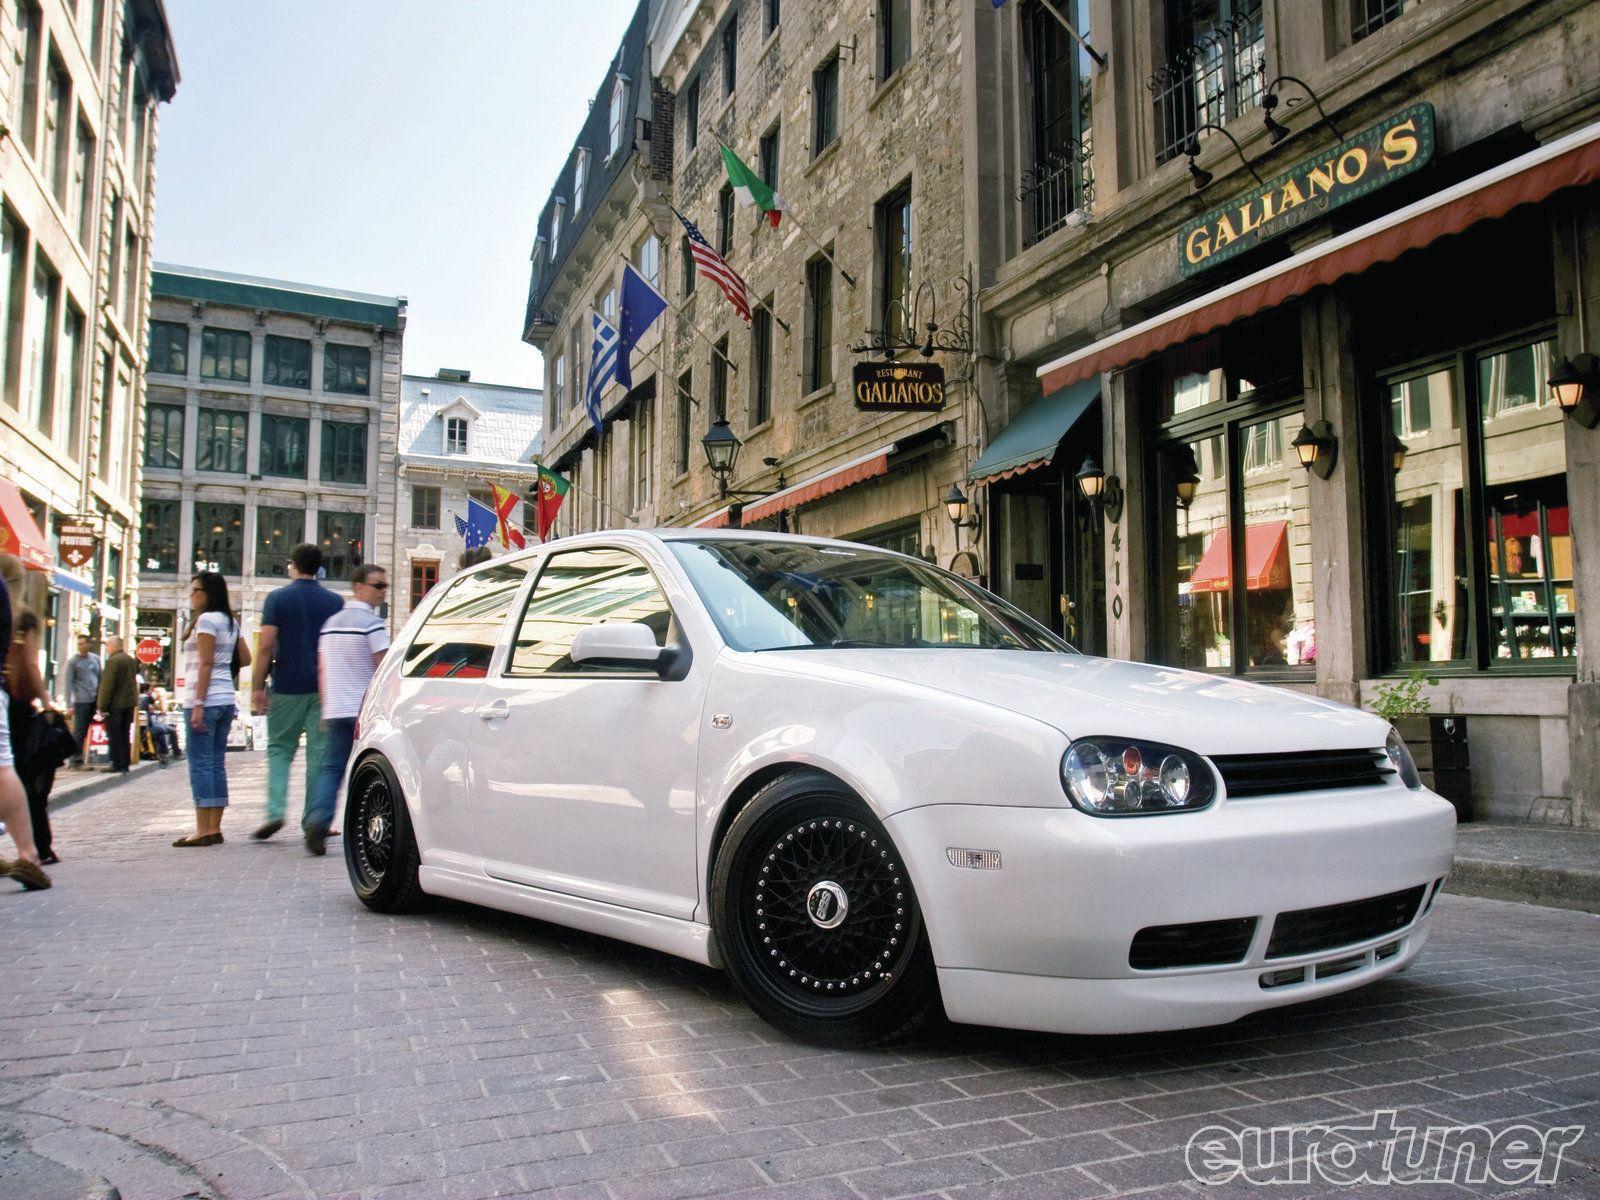 White 337 GTI